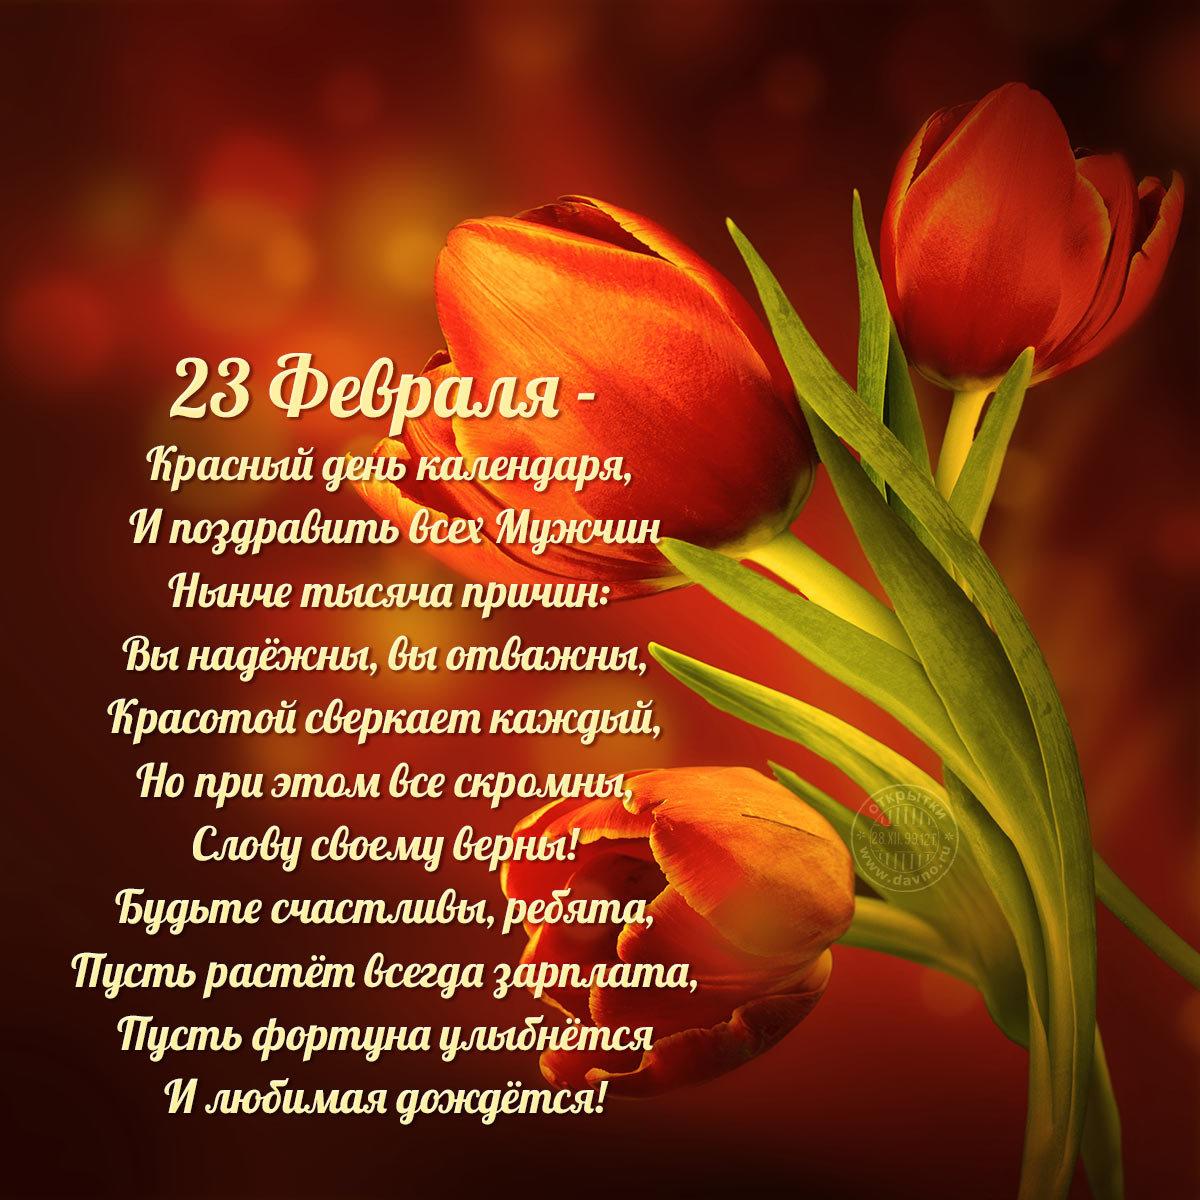 ❶23 февраля красный день календаря стих|23 февраля магазины|61 Best поздравления images in | Birthdays, Happy b day, Happy birth|#shop_planeta_ru|}